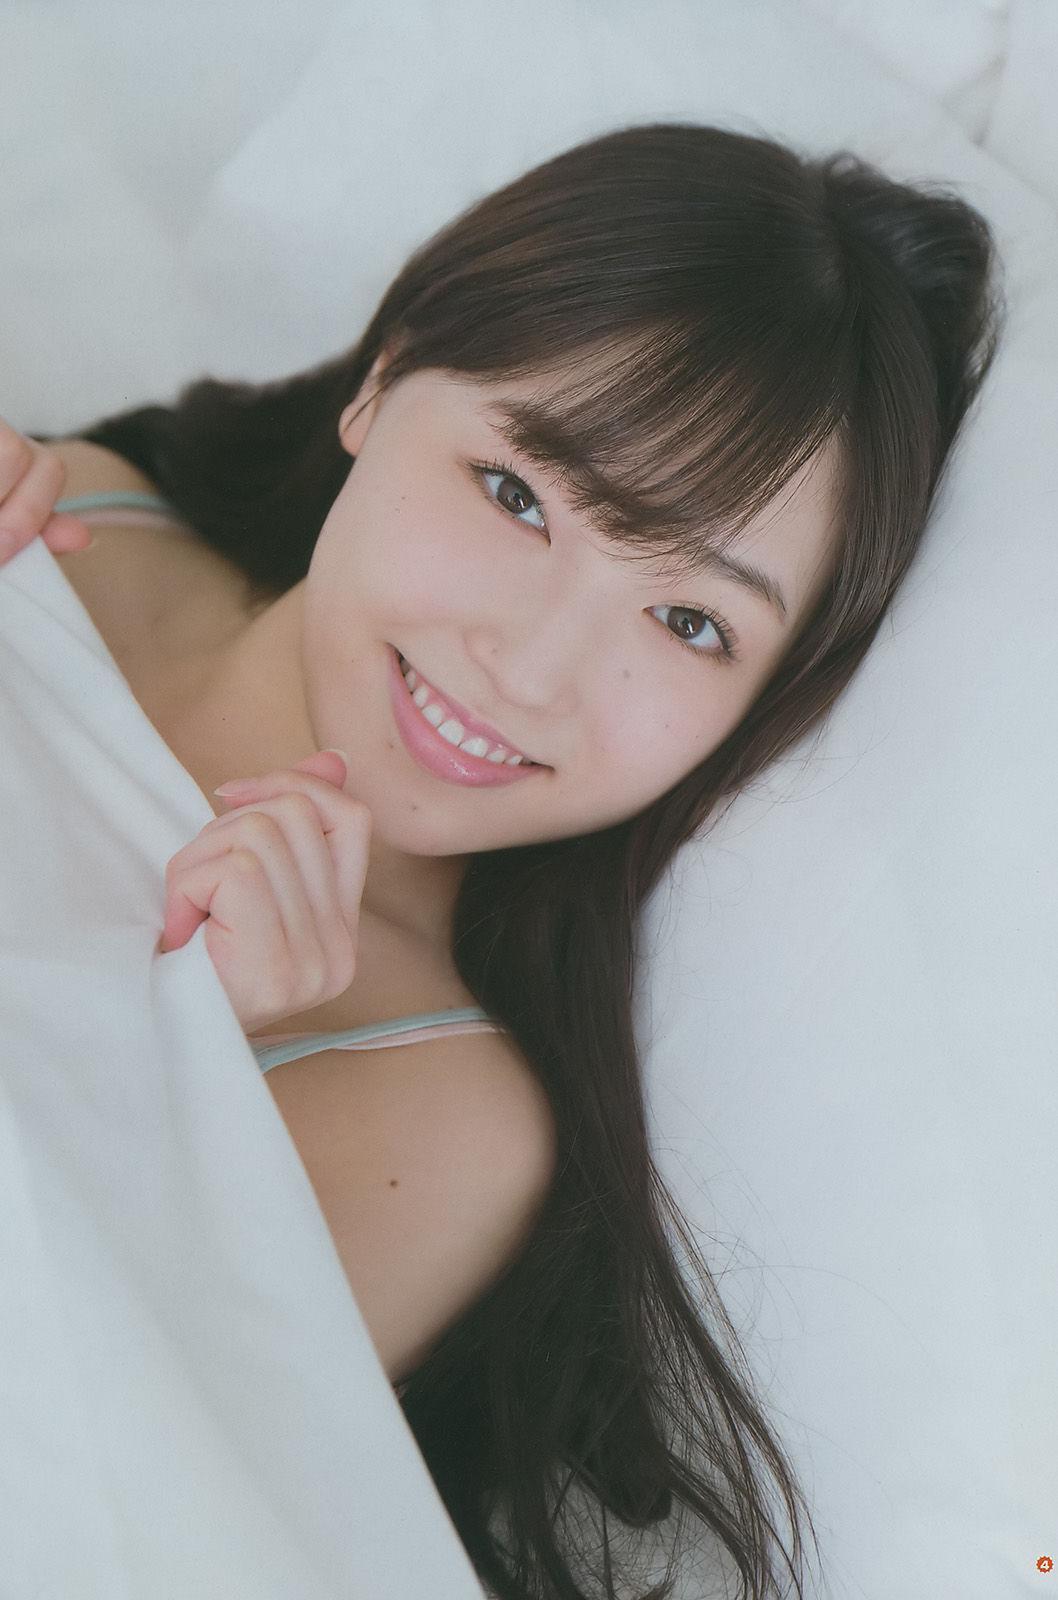 VOL.358 [Young Gangan]日本嫩模:谱久村圣(譜久村聖)超高清写真套图(27P)